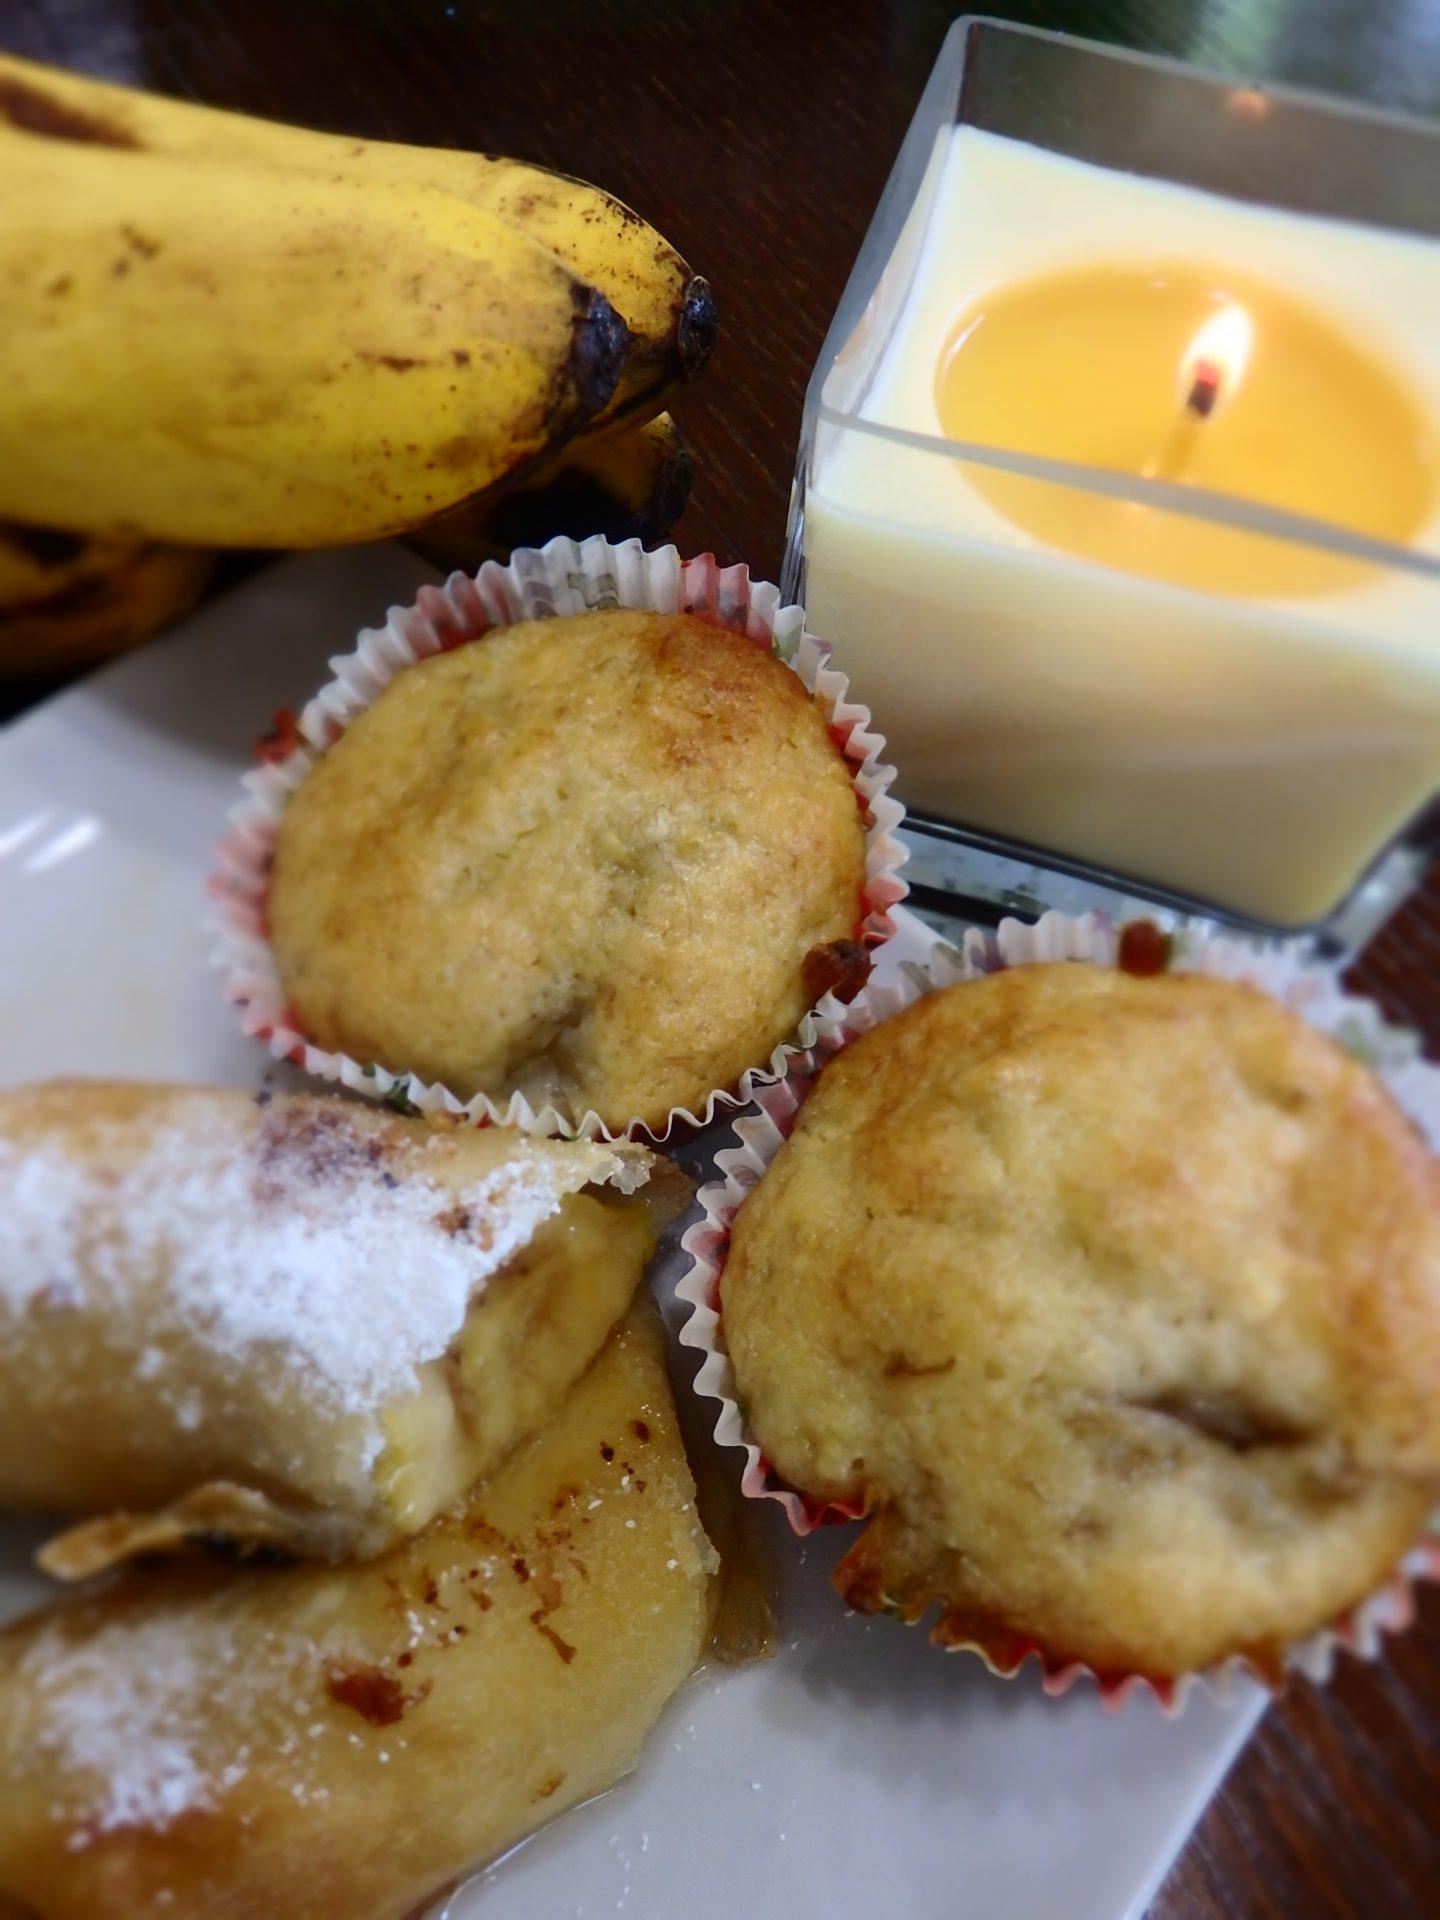 完熟バナナをたっぷり入れたマフィンとバナナを春巻きの皮で包んで油で揚げたバナナ春巻き